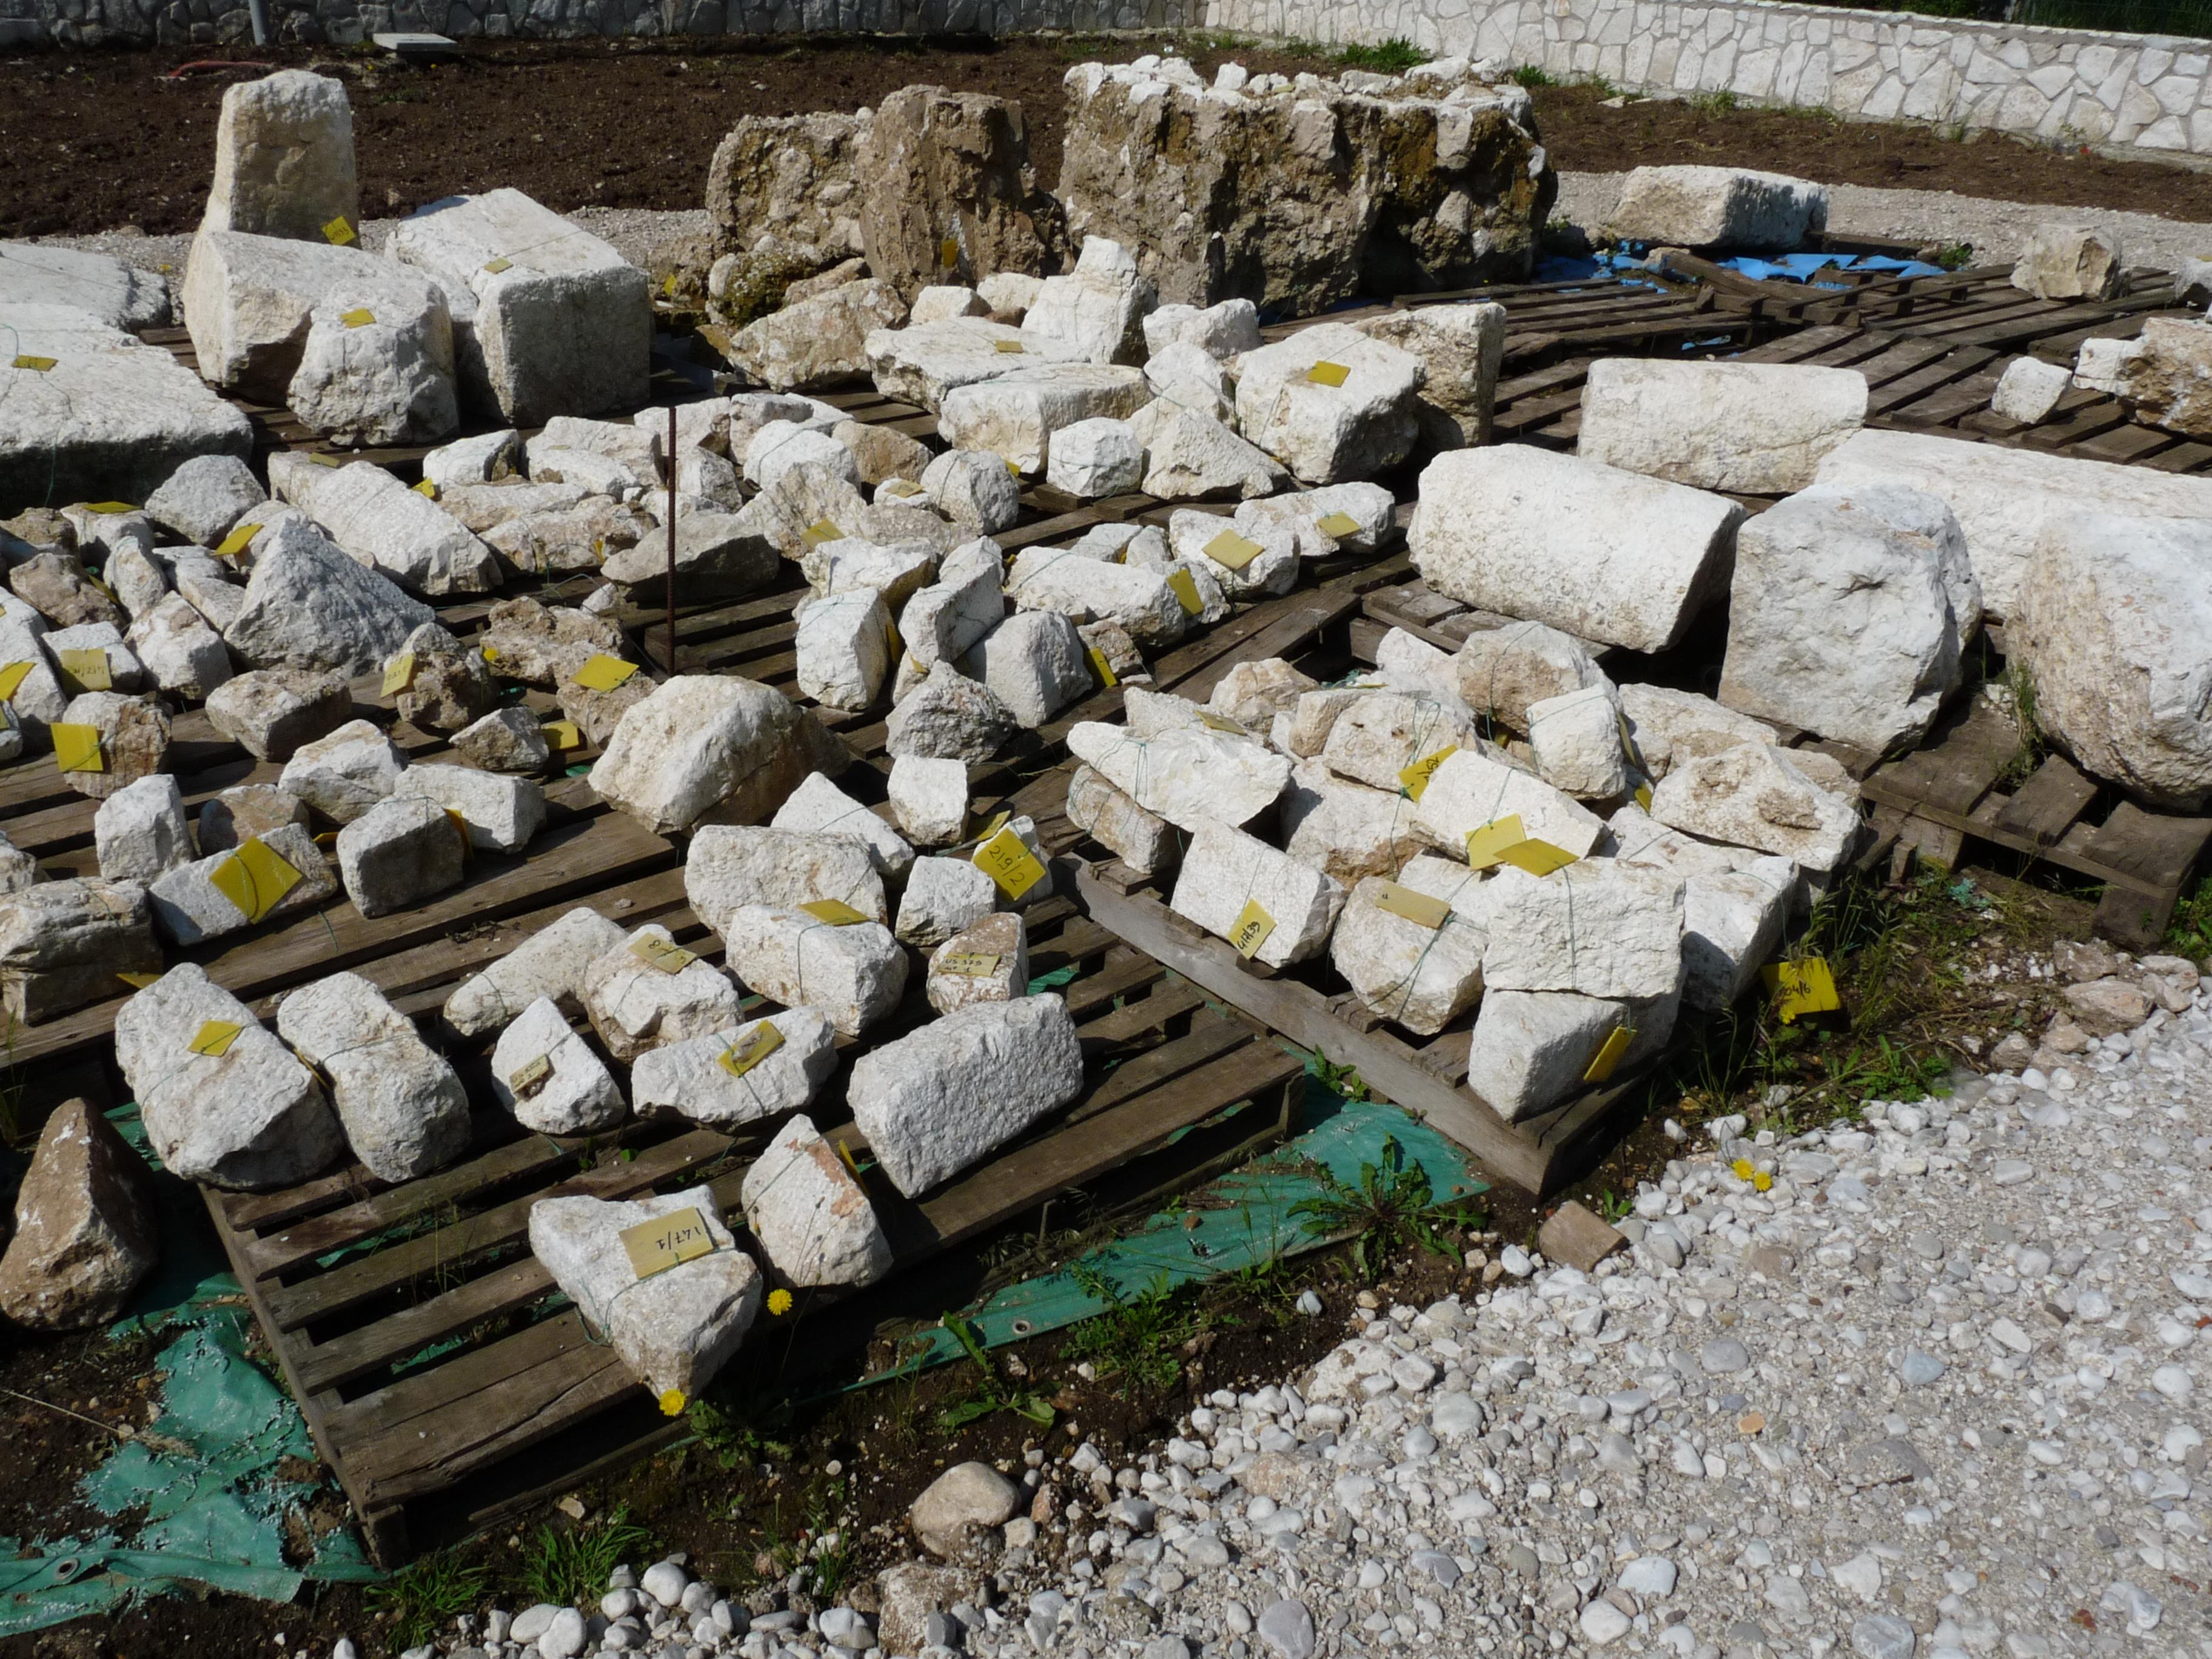 Anfiteatro romano - 09.04.25 (21).JPG